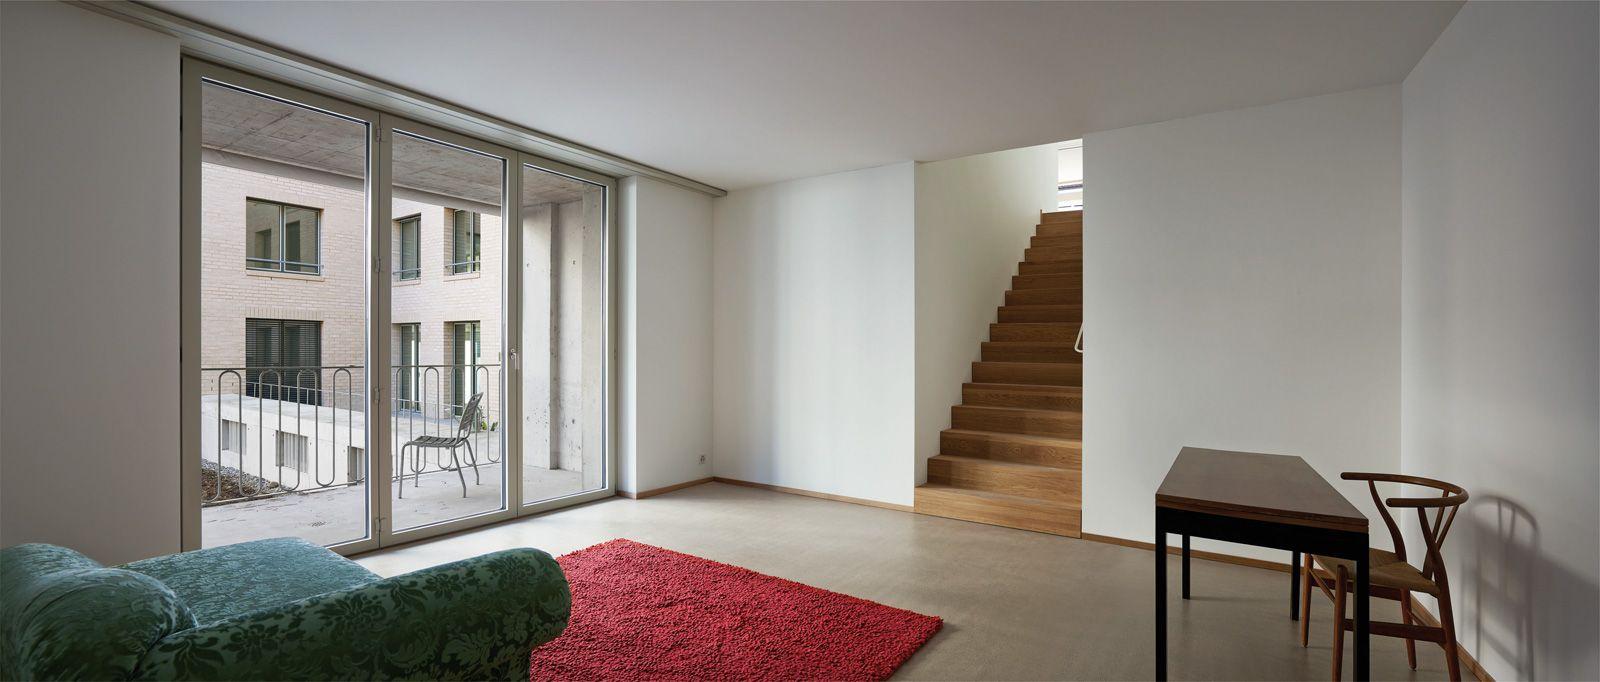 Wohnüberbauung BrunnmattOst, Bern Esch Sintzel Architekten